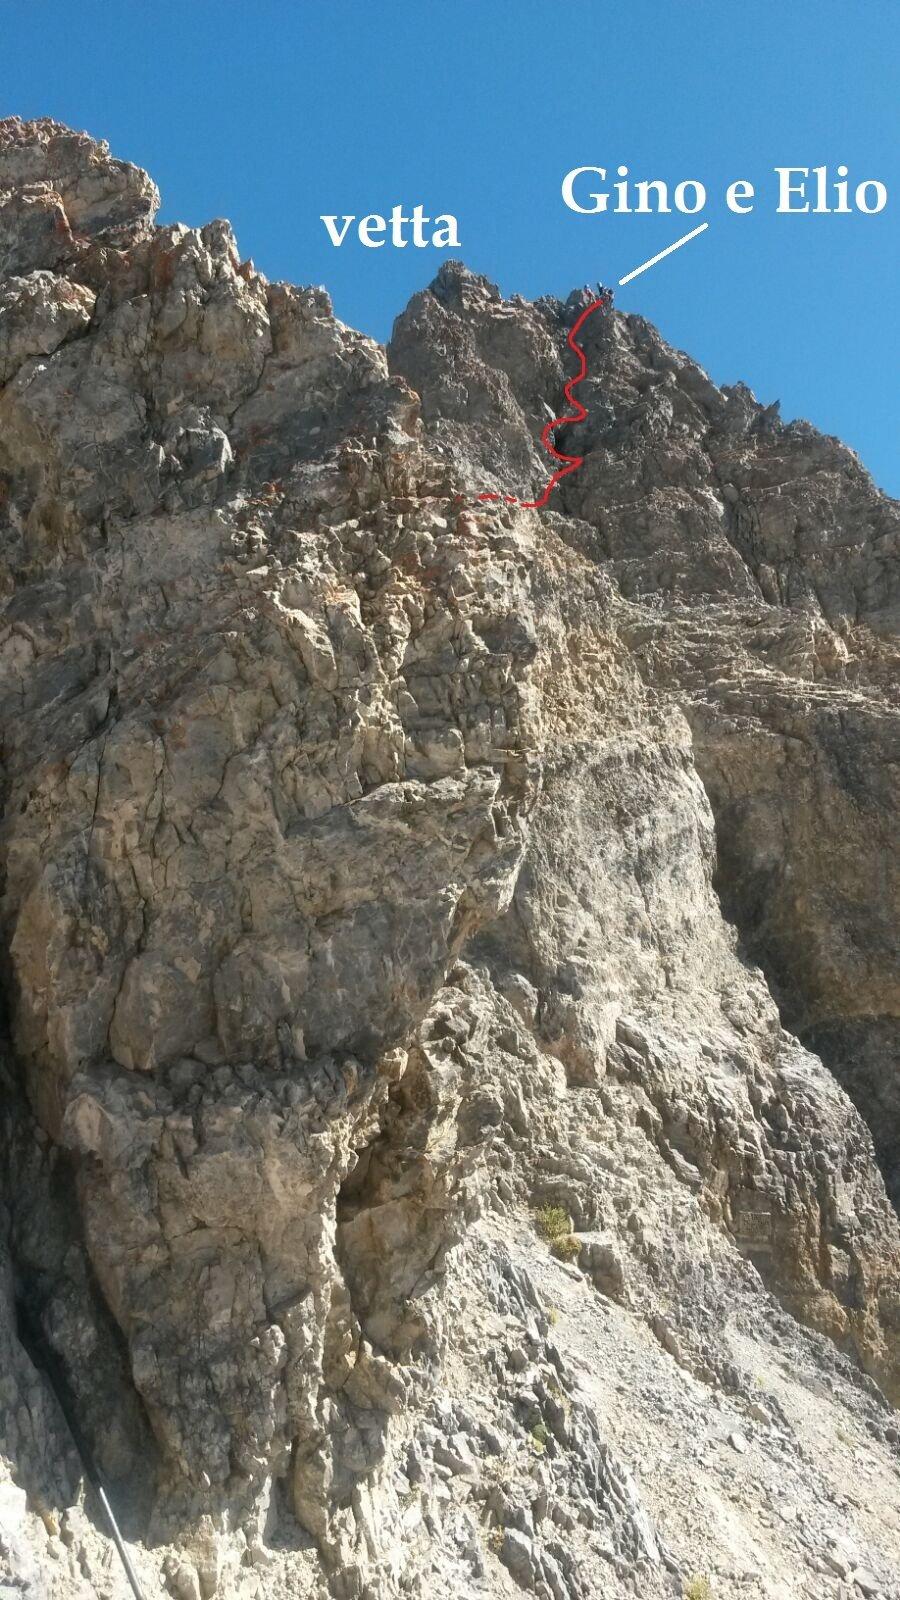 siamo alla fine del tratto d'arrampicata, sbuchiamo in vetta,  in rosso l'ultimo tiro.